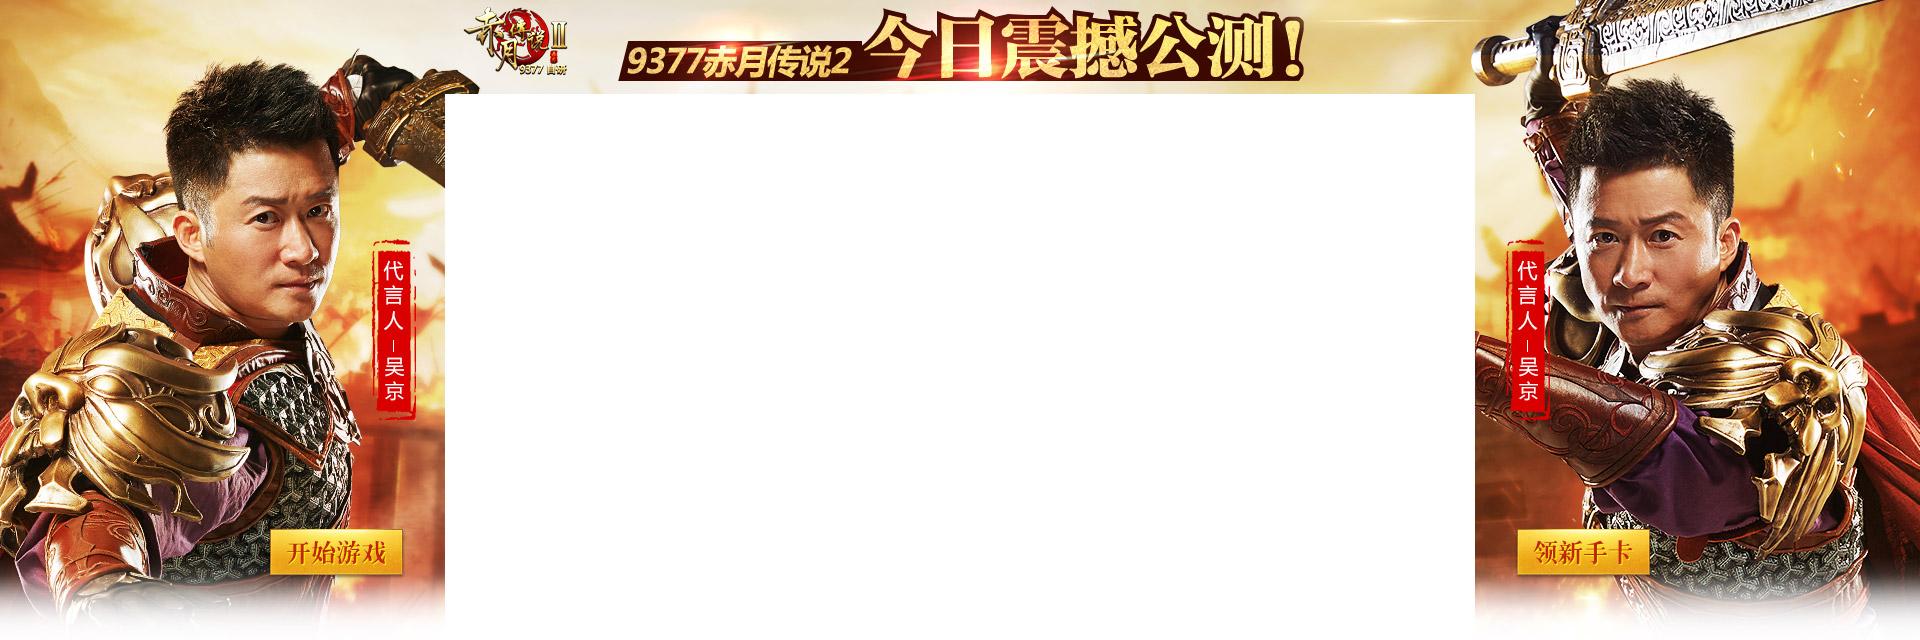 赤月2资讯页面素材1.jpg